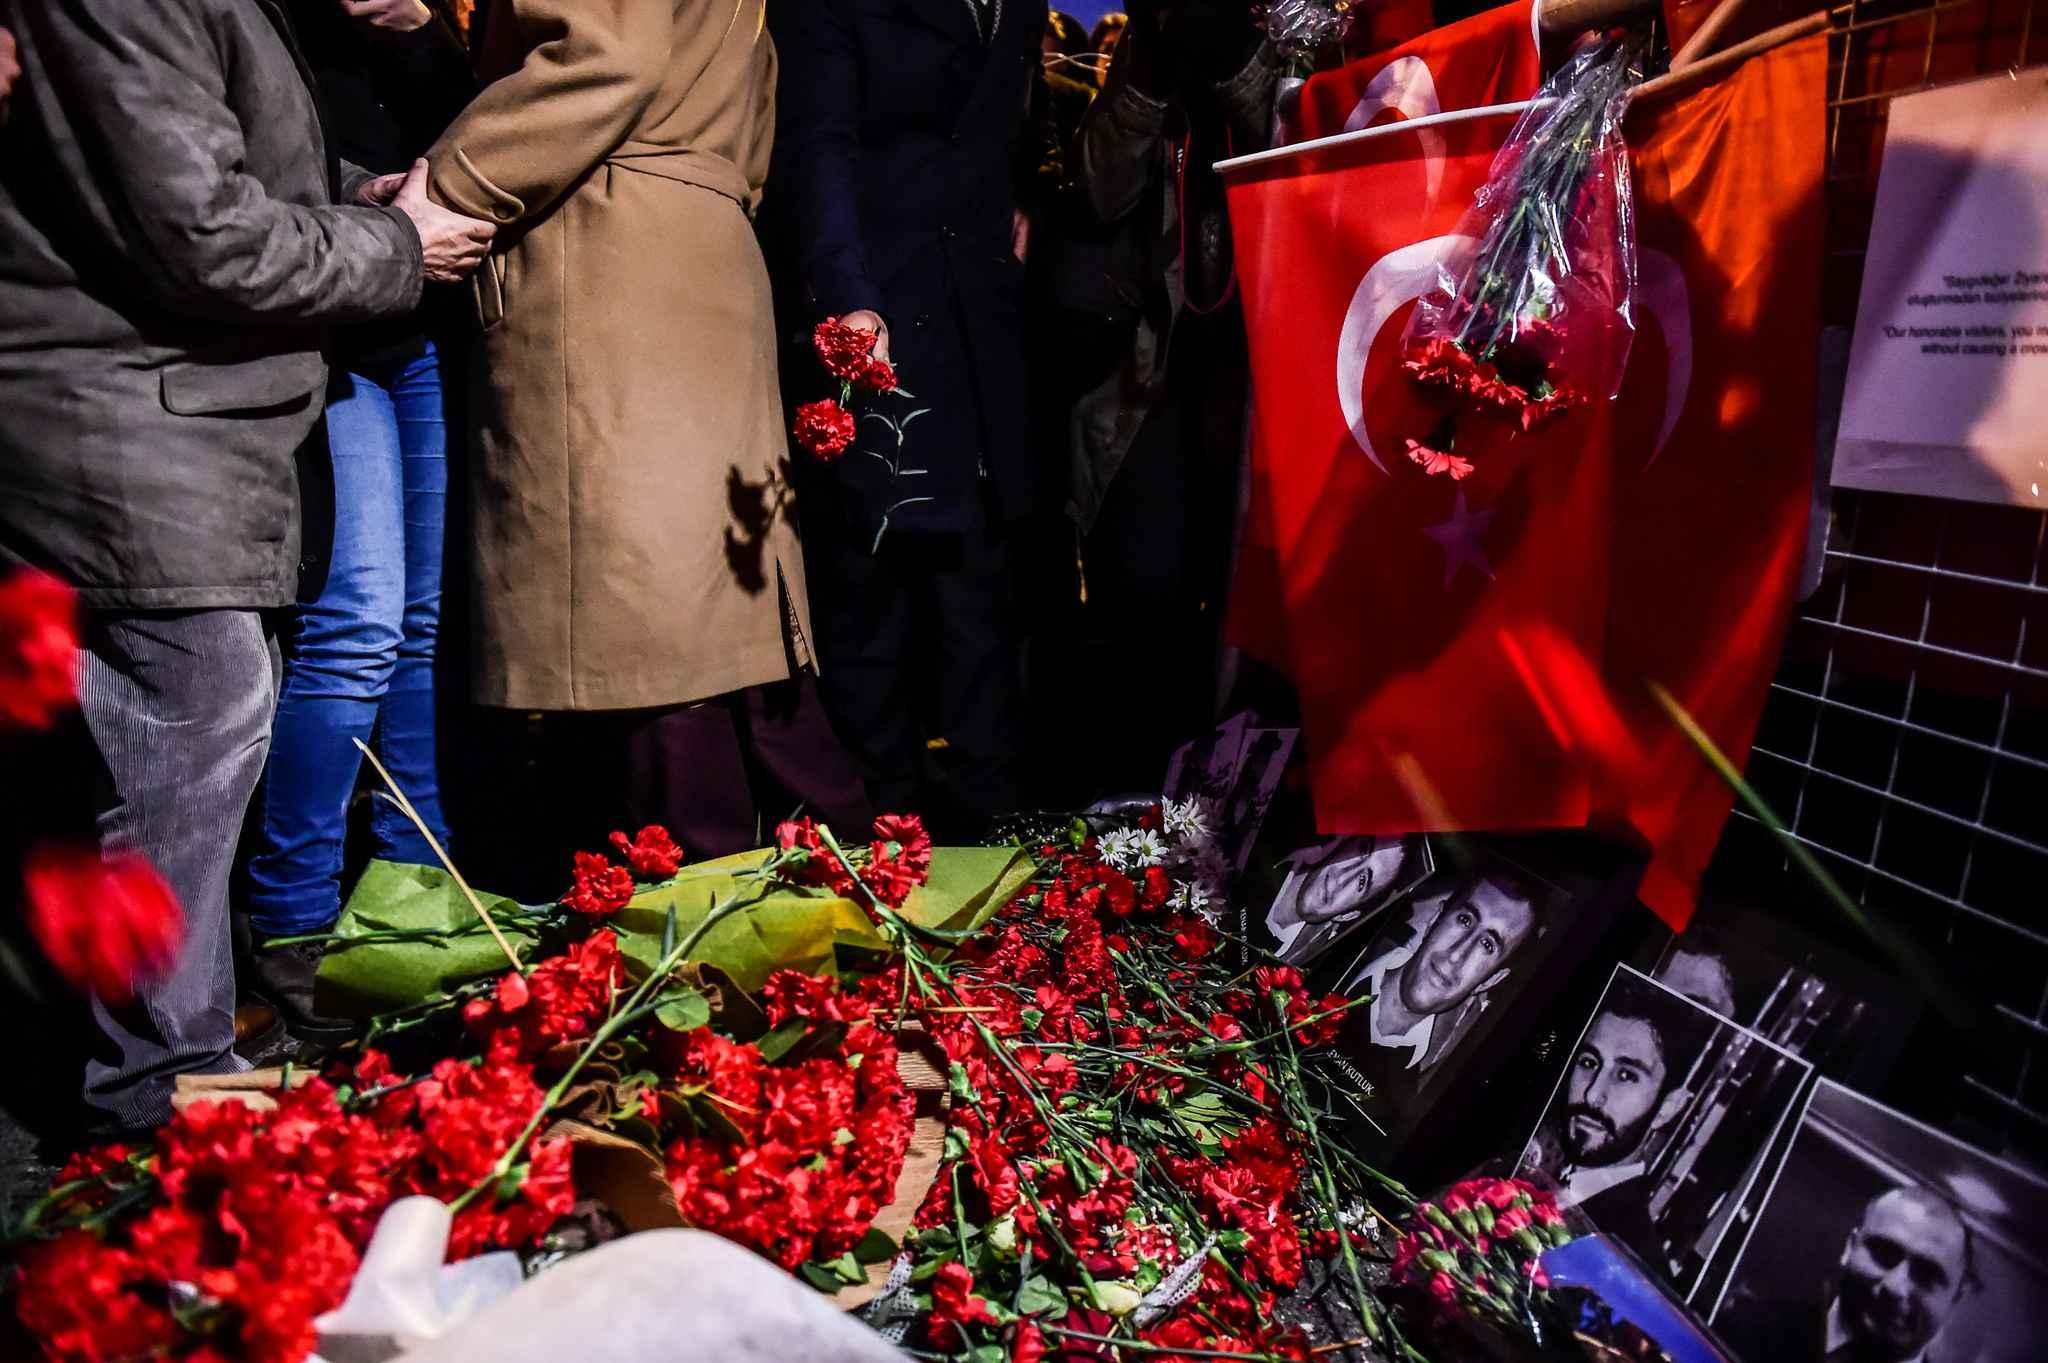 Ottawa confirme la mort d'une victime Canadienne — Attentat d'Istanbul